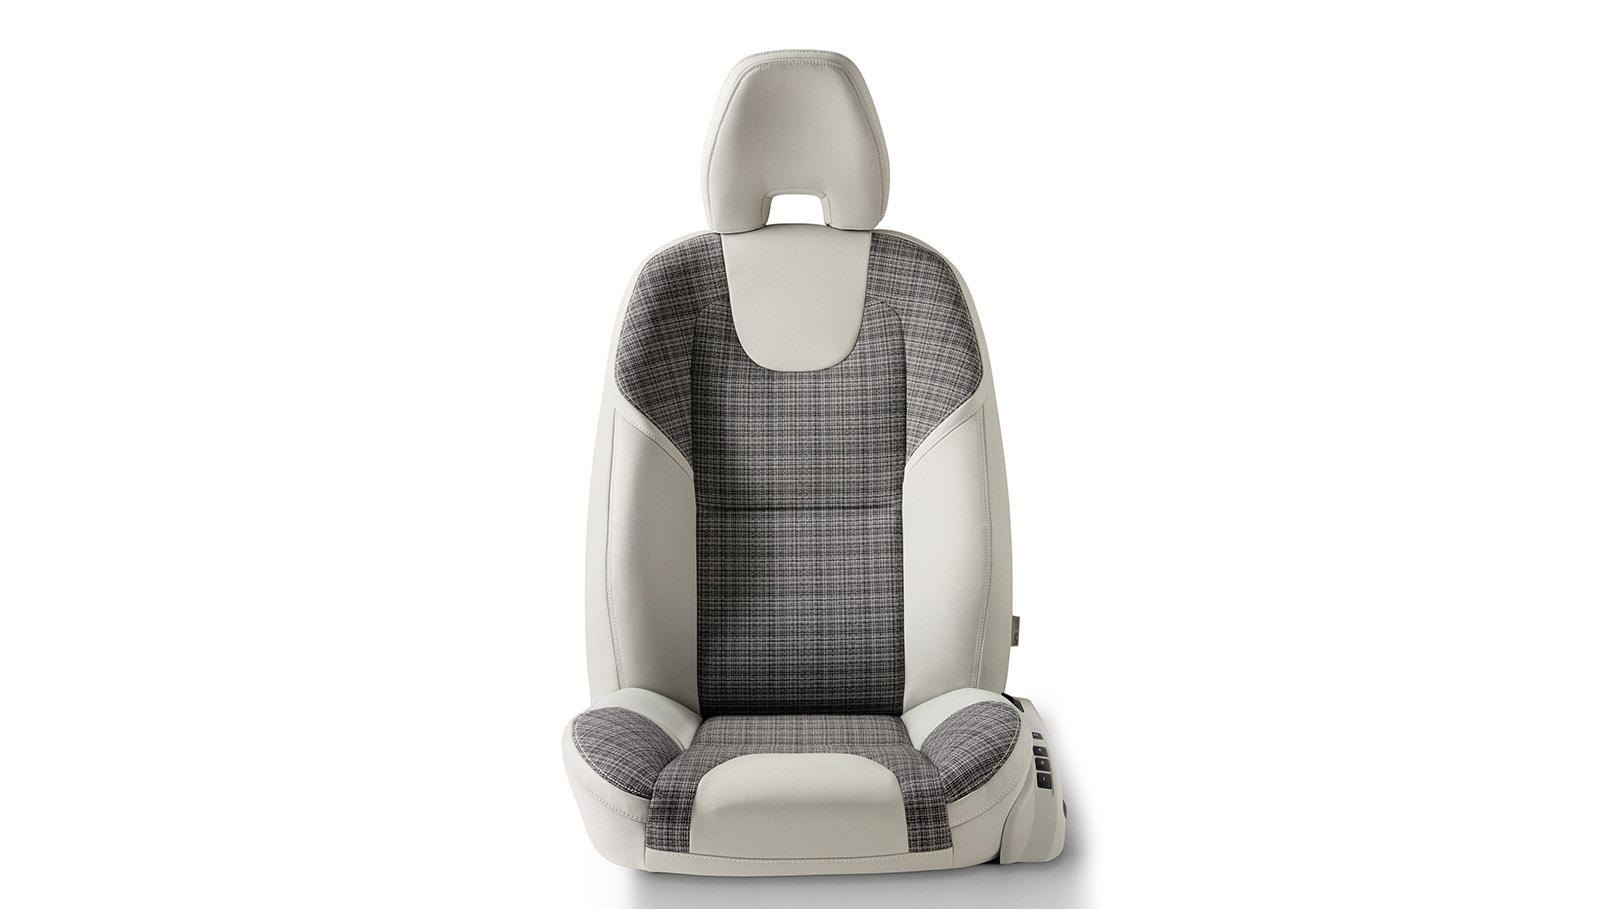 Inspirada en la del prototipo Volvo Concept Estate, la tapicería City Weave que estrena el Volvo V40 combina cuero beige con tela.